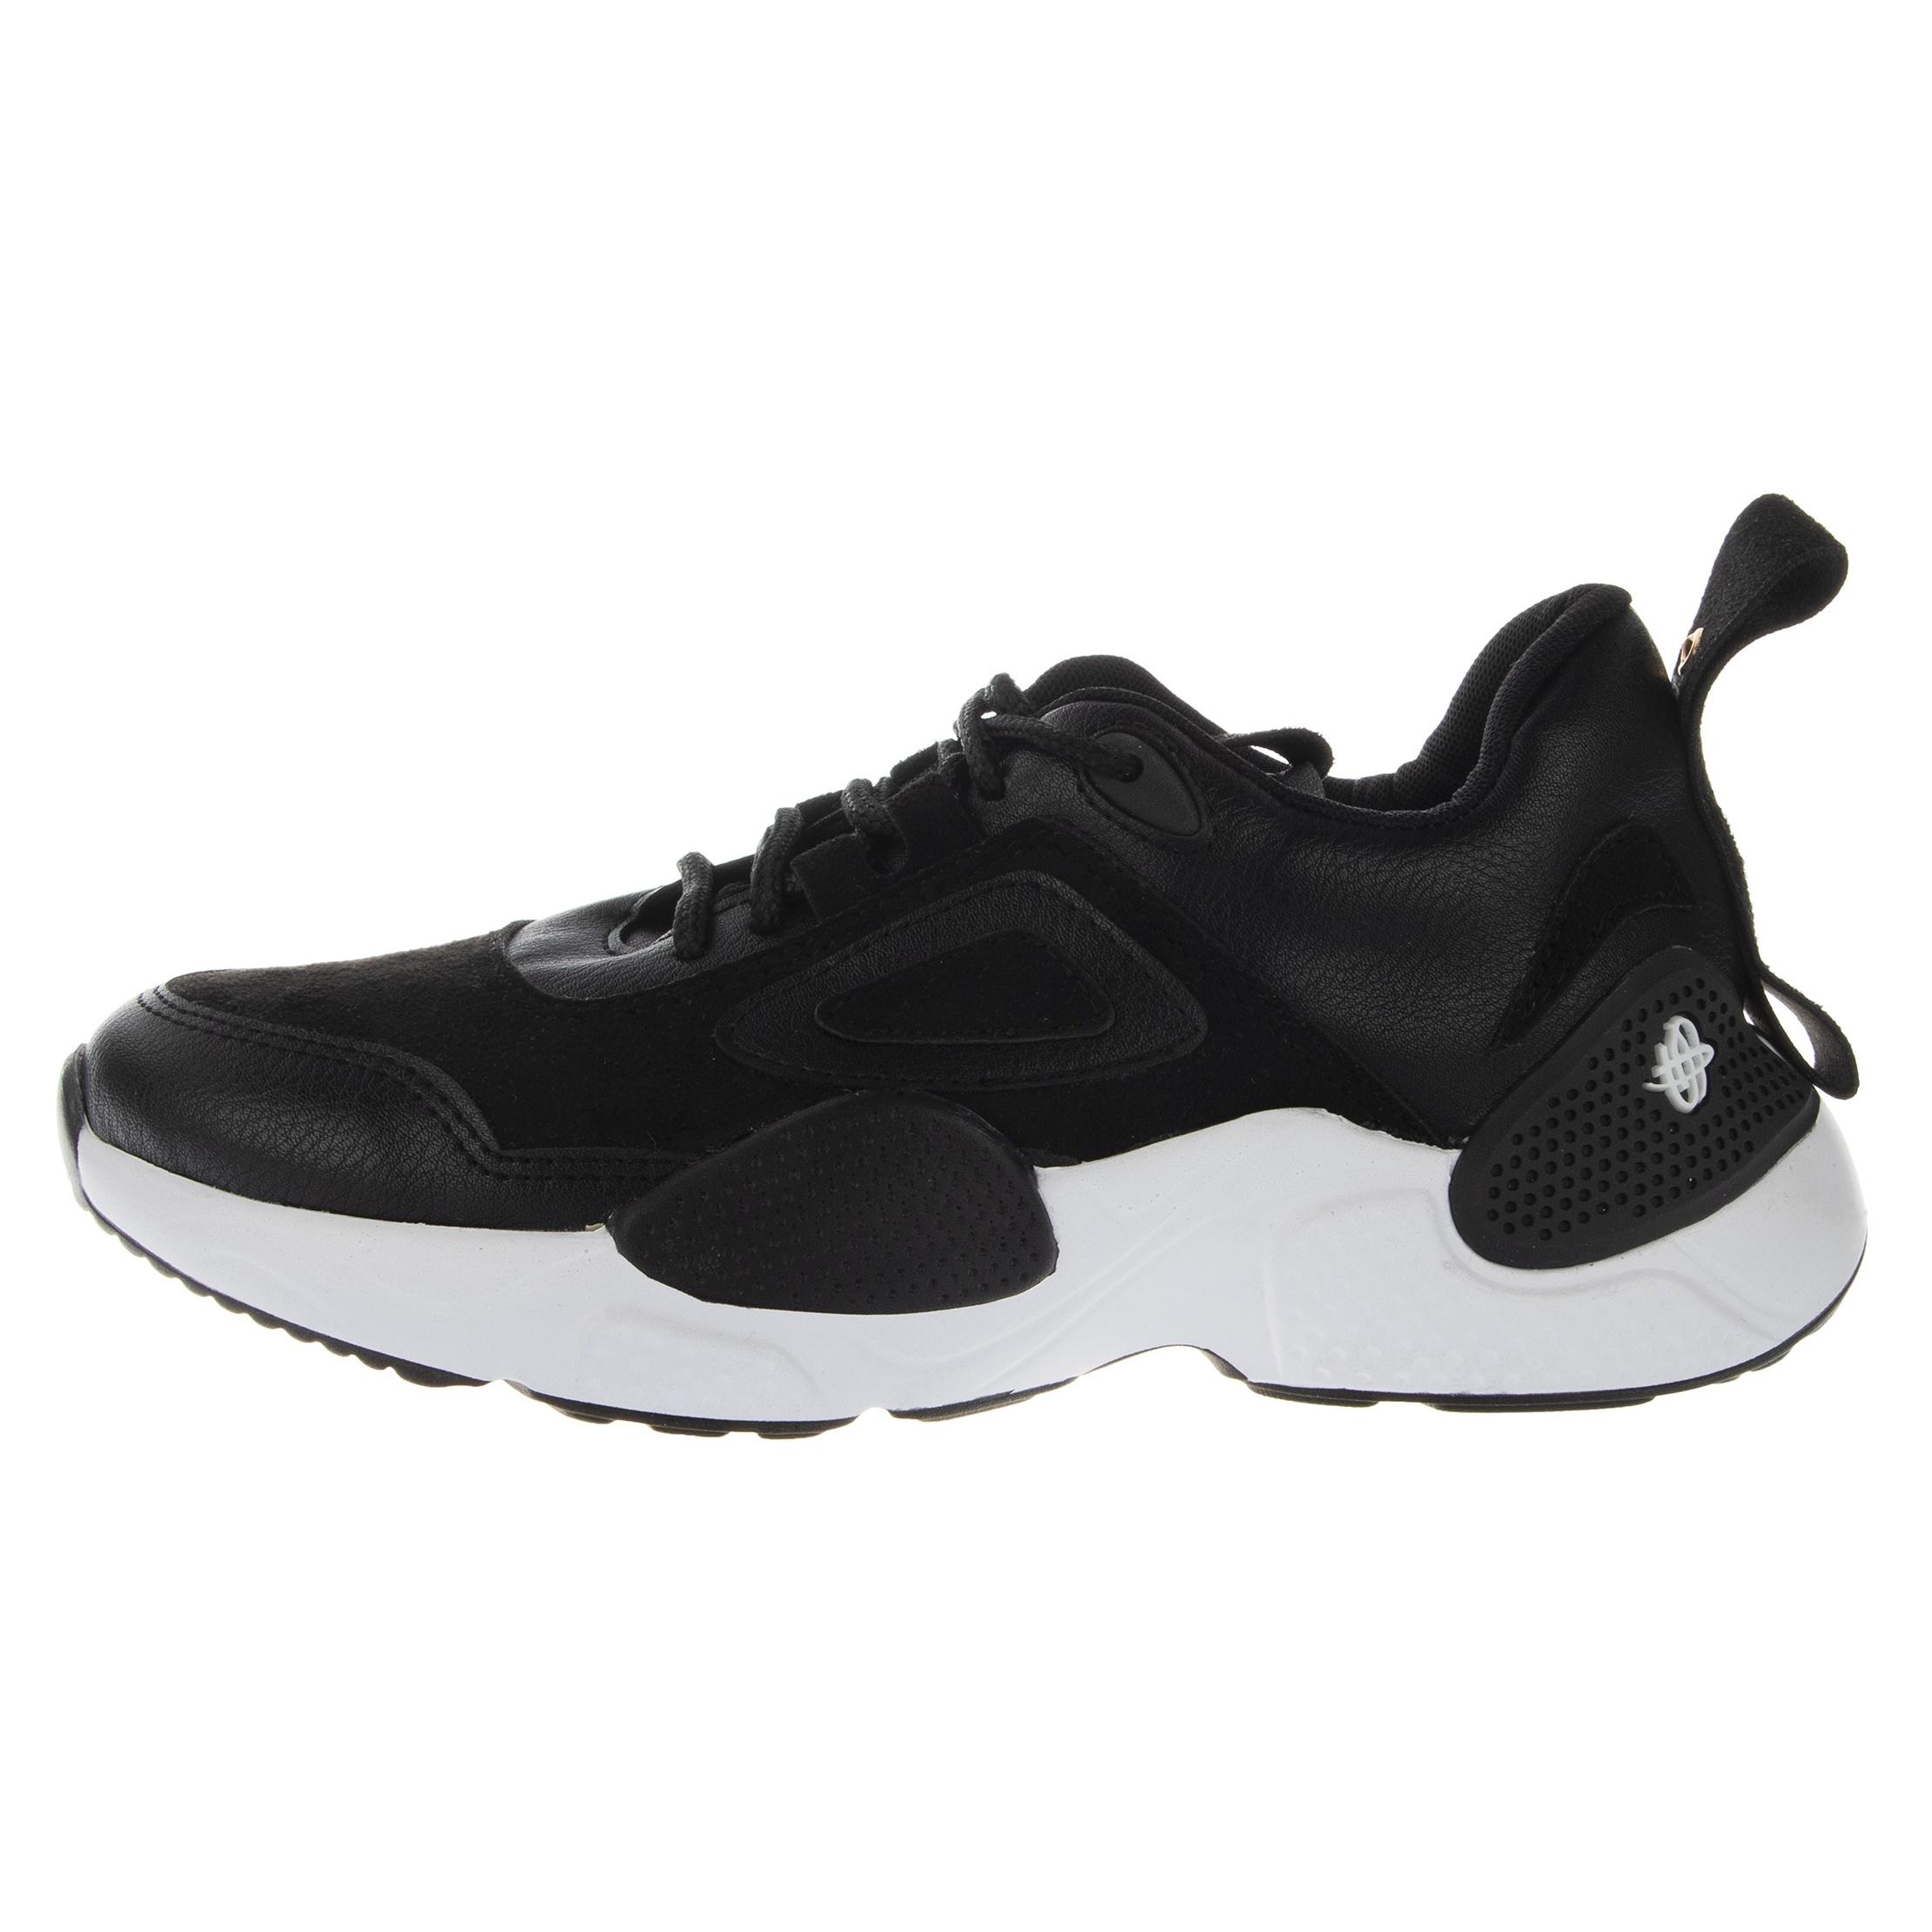 کفش مخصوص پیاده روی زنانه کد 280-bb1